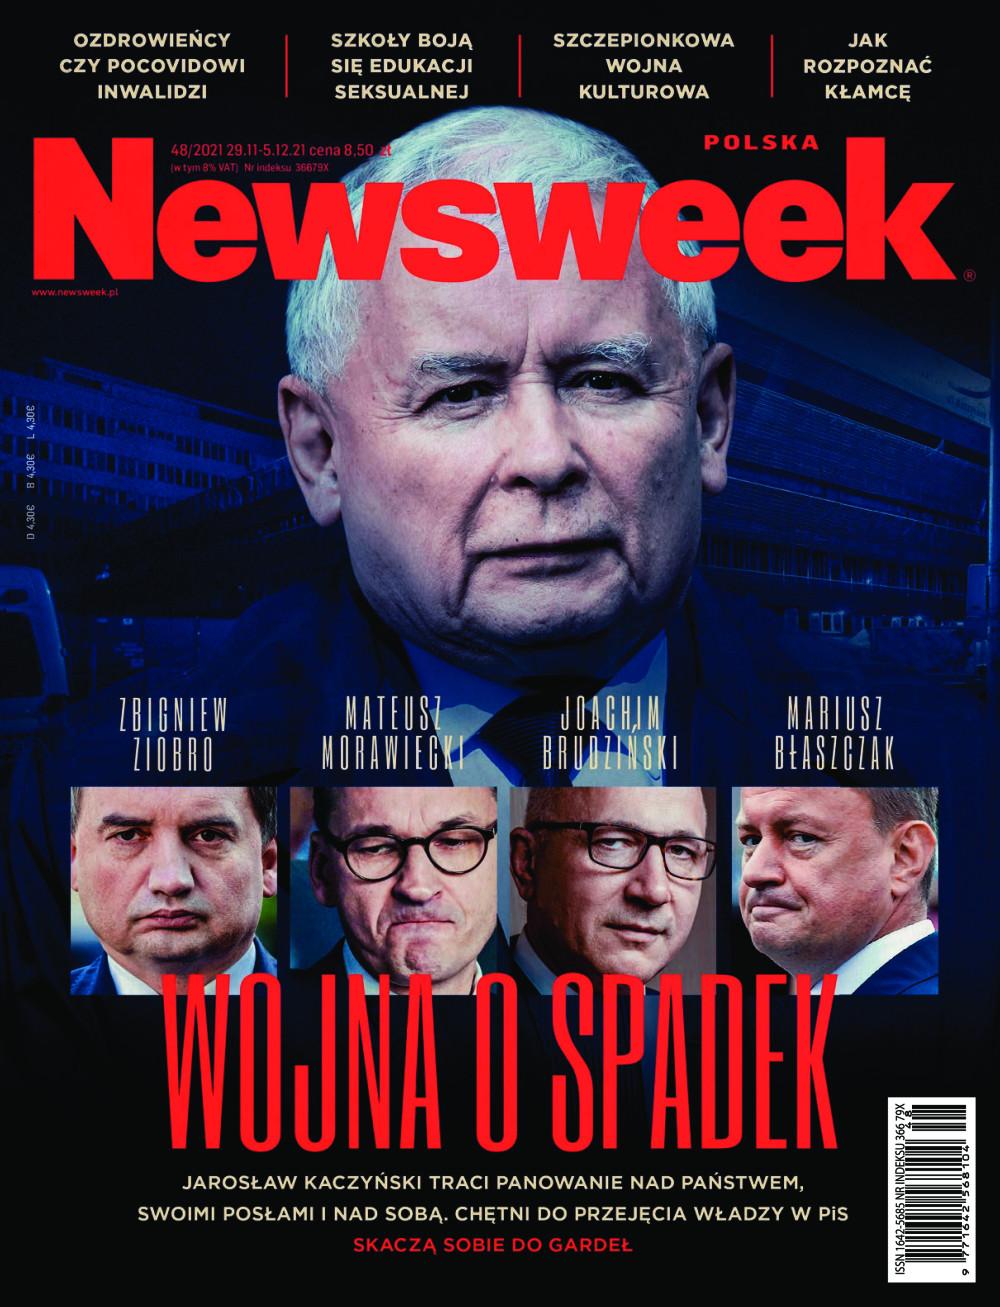 Newsweek, obecny w Polsce od 2001 roku, jest najchętniej czytanym polskim tygodnikiem opinii. Co tydzień zapewnia swoim czytelnikom aktualny i wyrazisty obraz polityki, gospodarki, nauki i kultury.